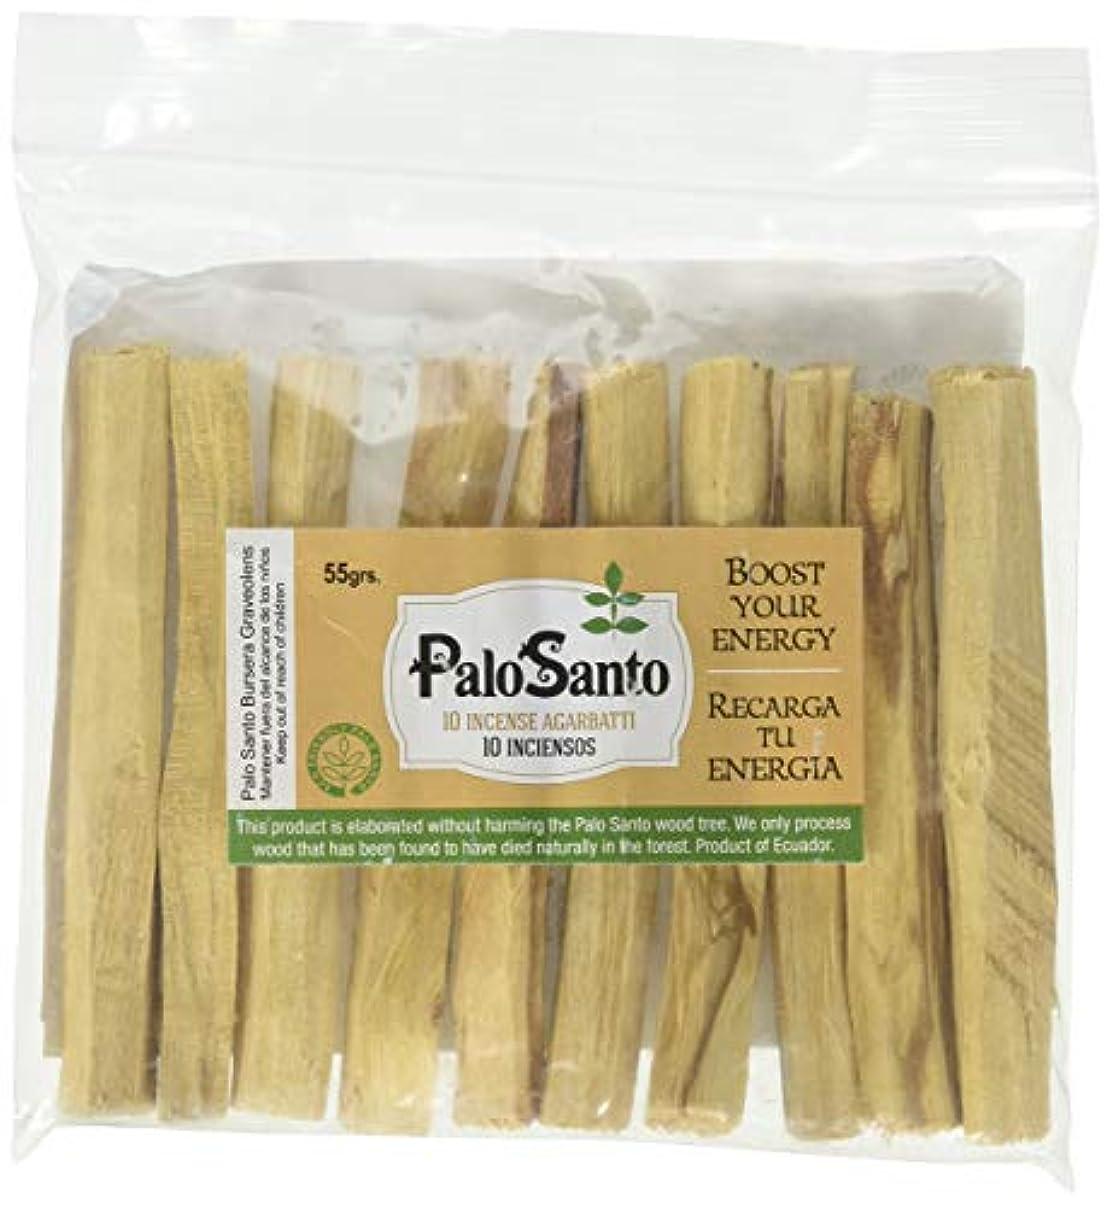 ファイター取り戻す識別プレミアムAuthenticエクアドルkiln-dried Palo Santo ( Holy Wood ) Insence Sticks ( 10 )、野生の収穫、100 %自然のPurifying、クレンジング、ヒーリング...